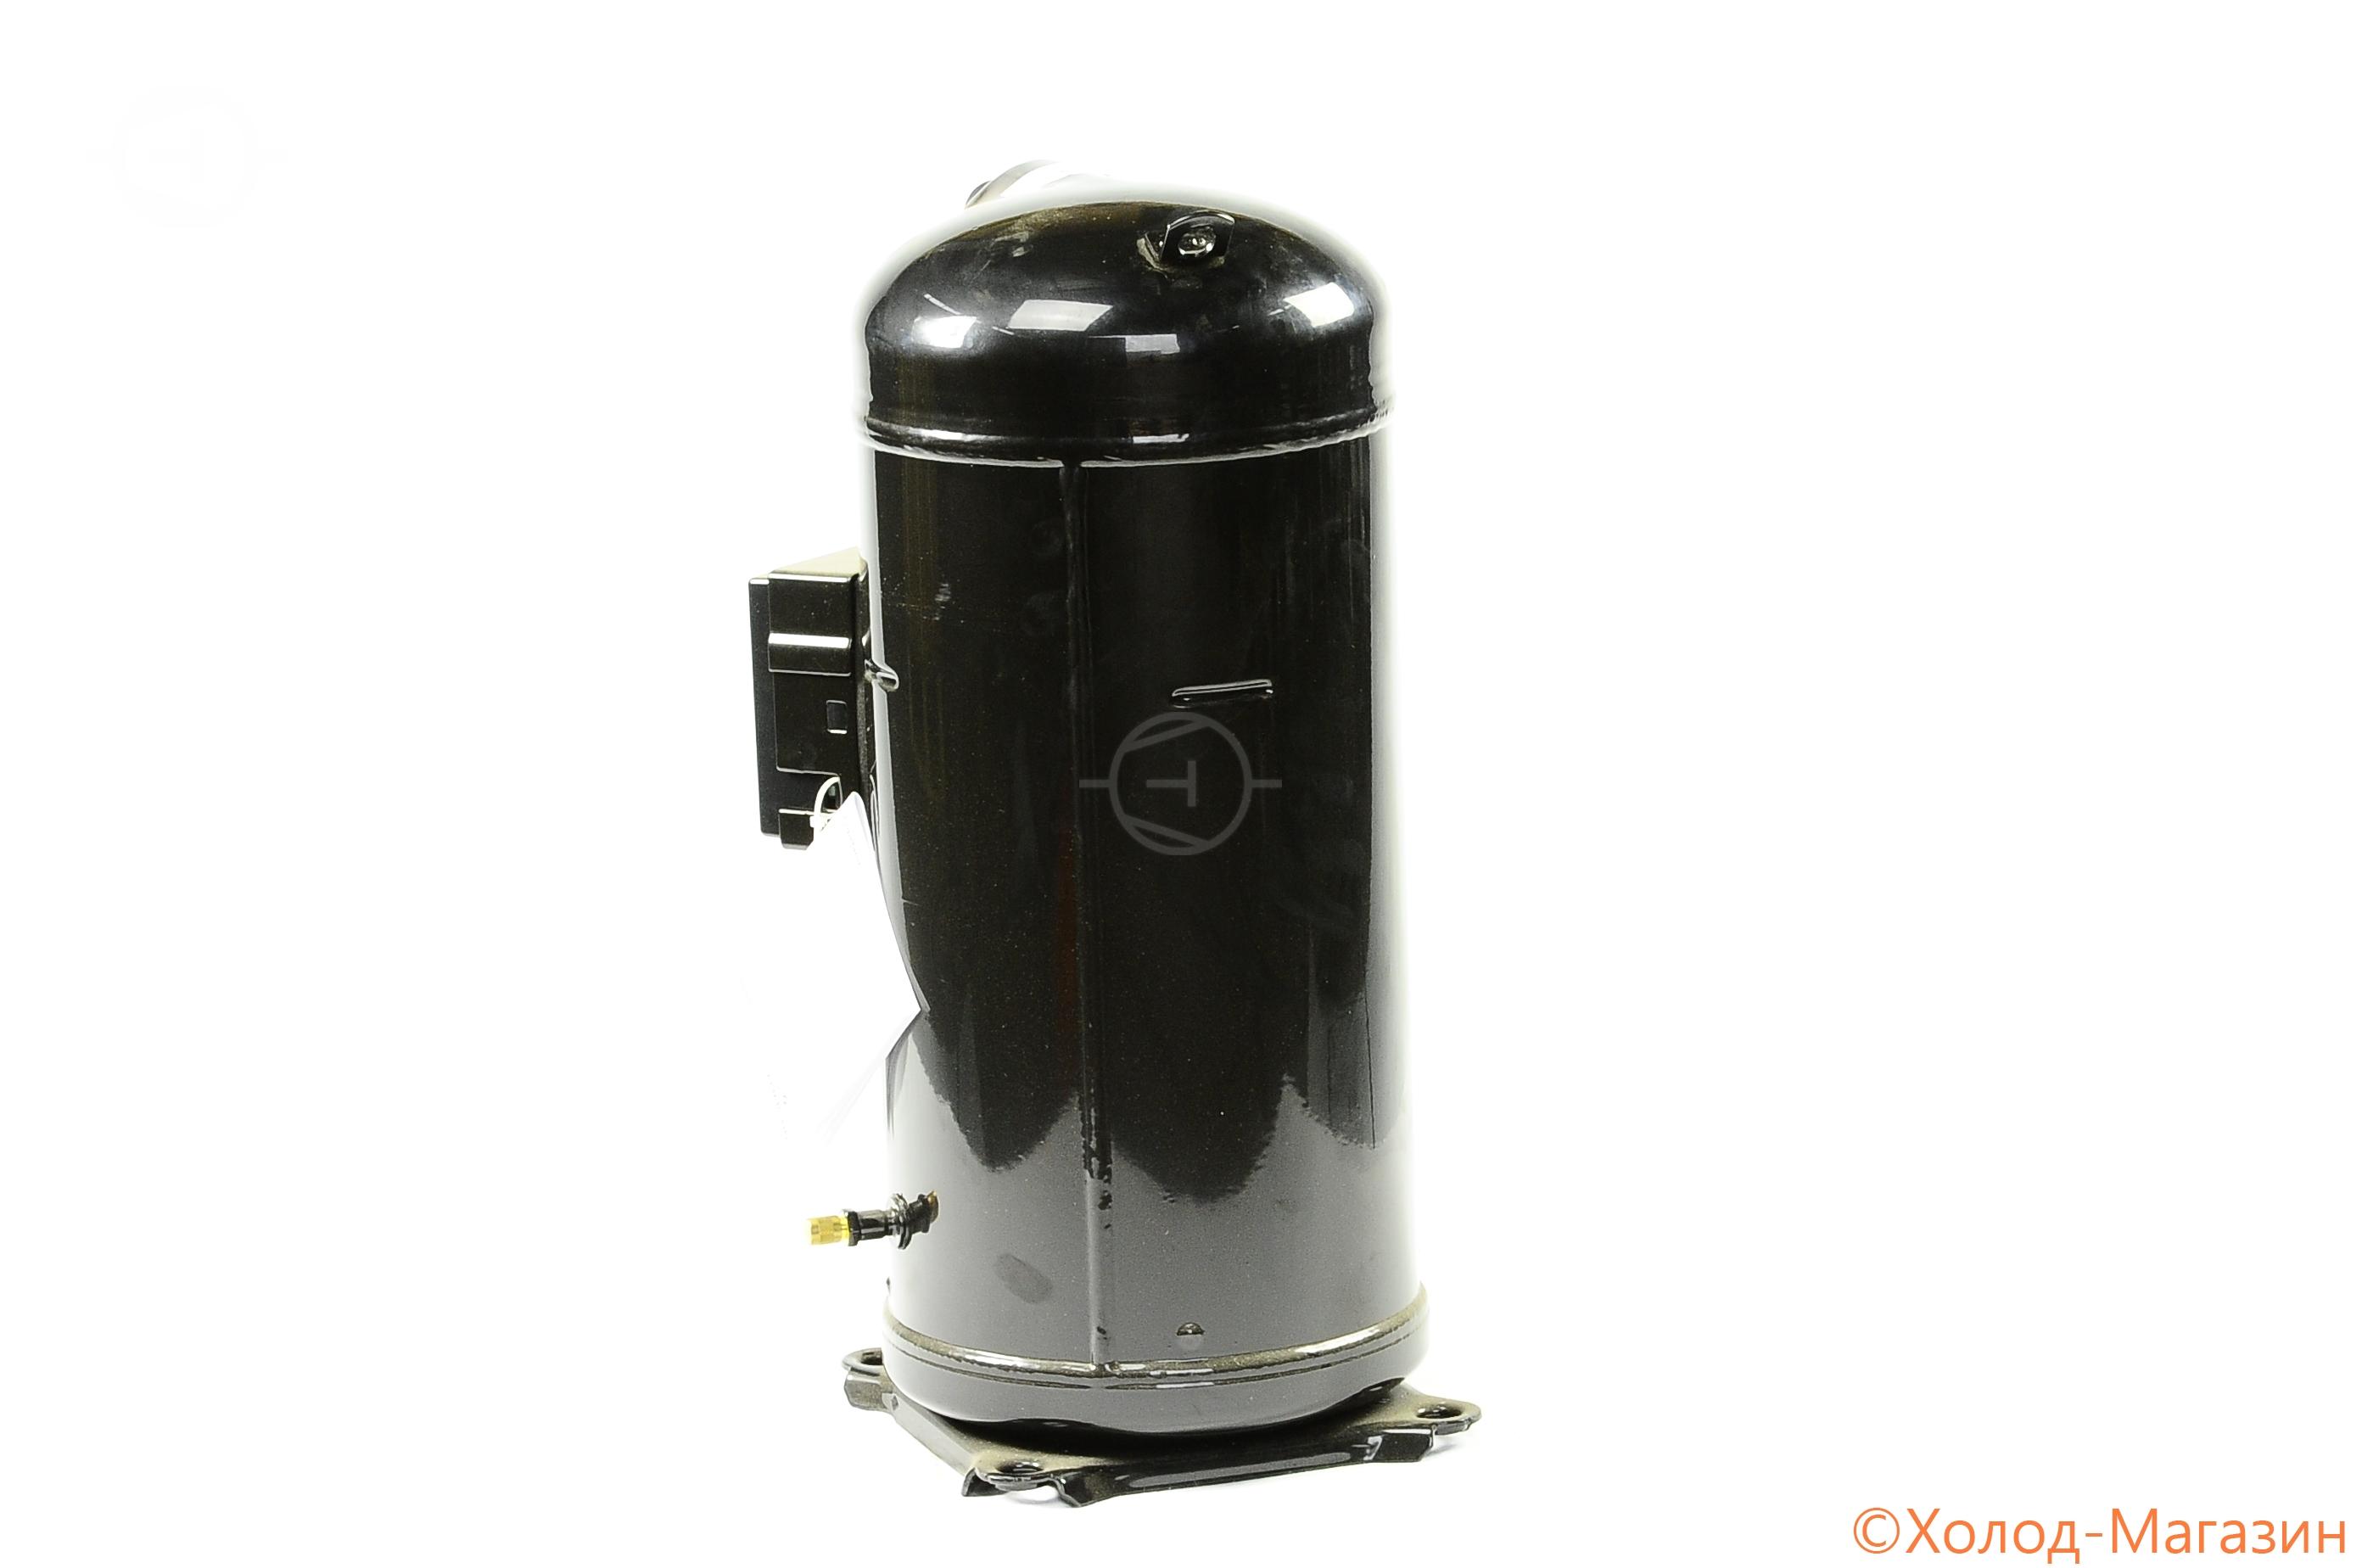 Компрессор спиральный ZR 108 KCE-TFD-455 Copeland, Emerson